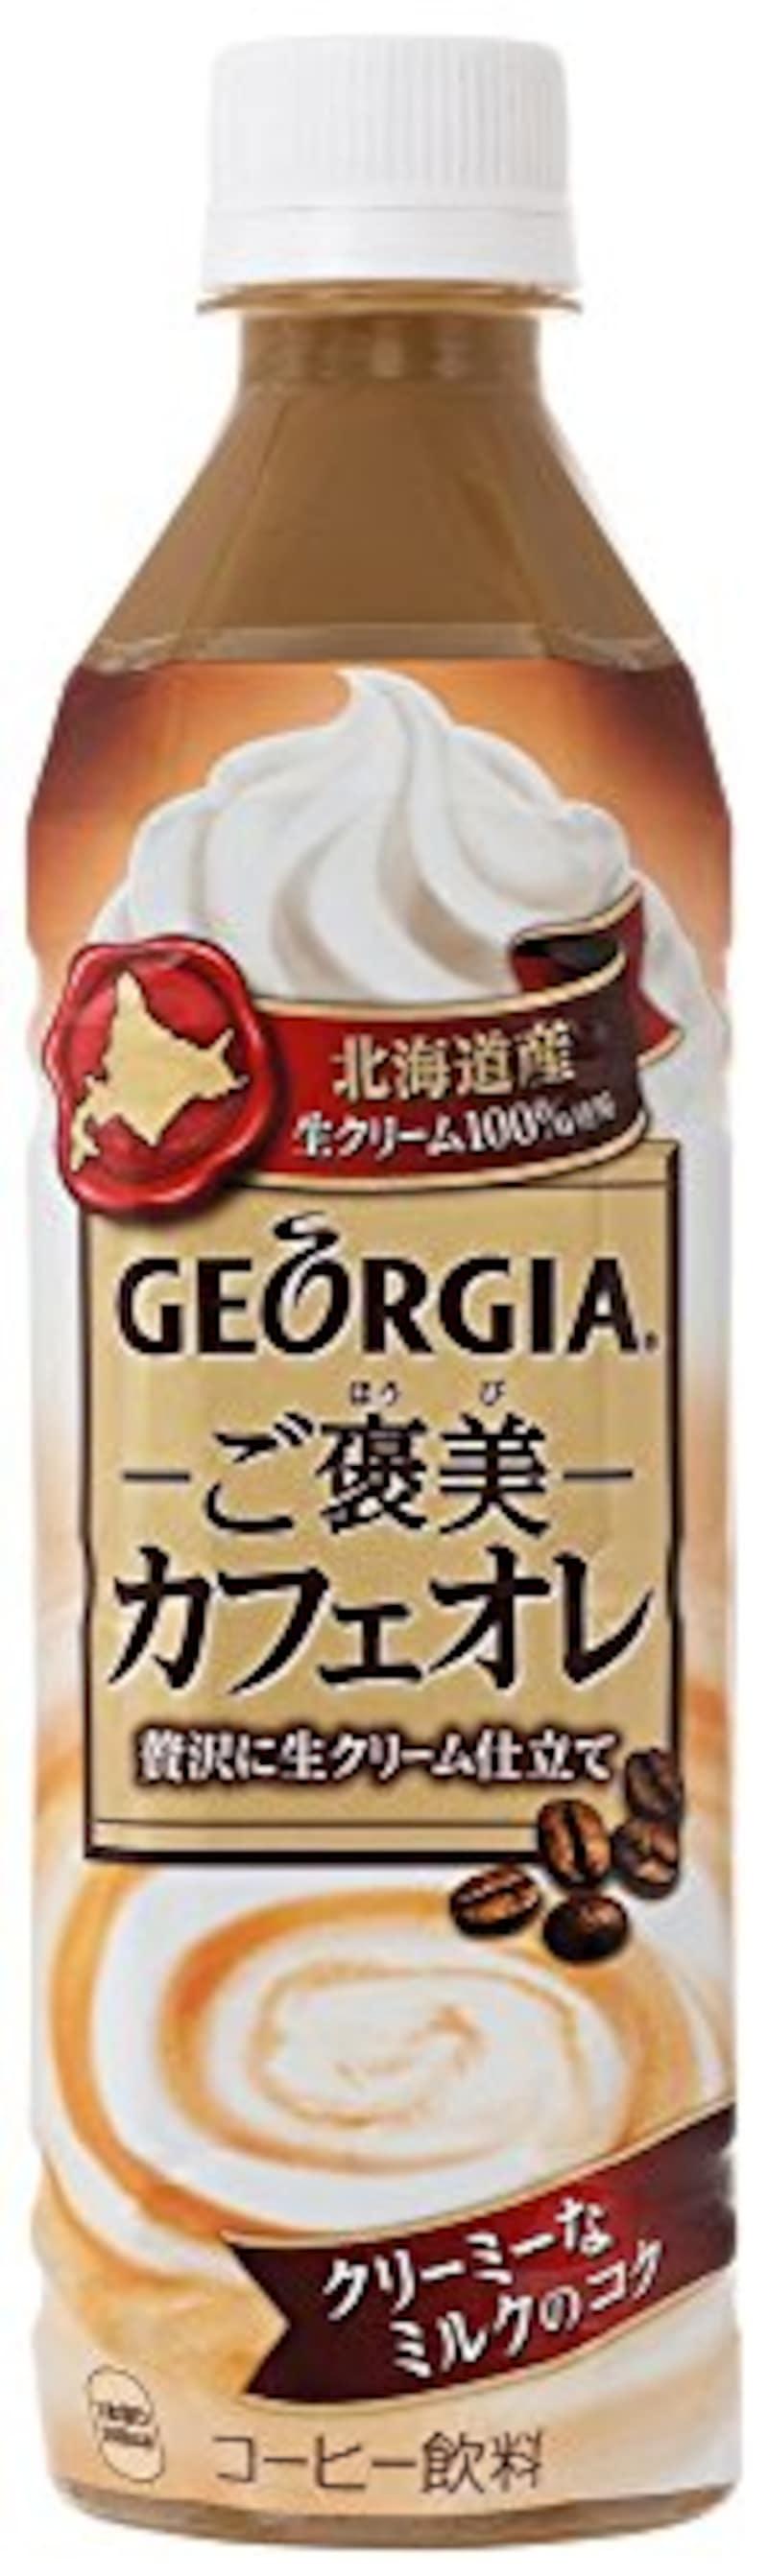 コカ・コーラ,ジョージア ご褒美カフェオレ 500mlPET×24本,4902102128339